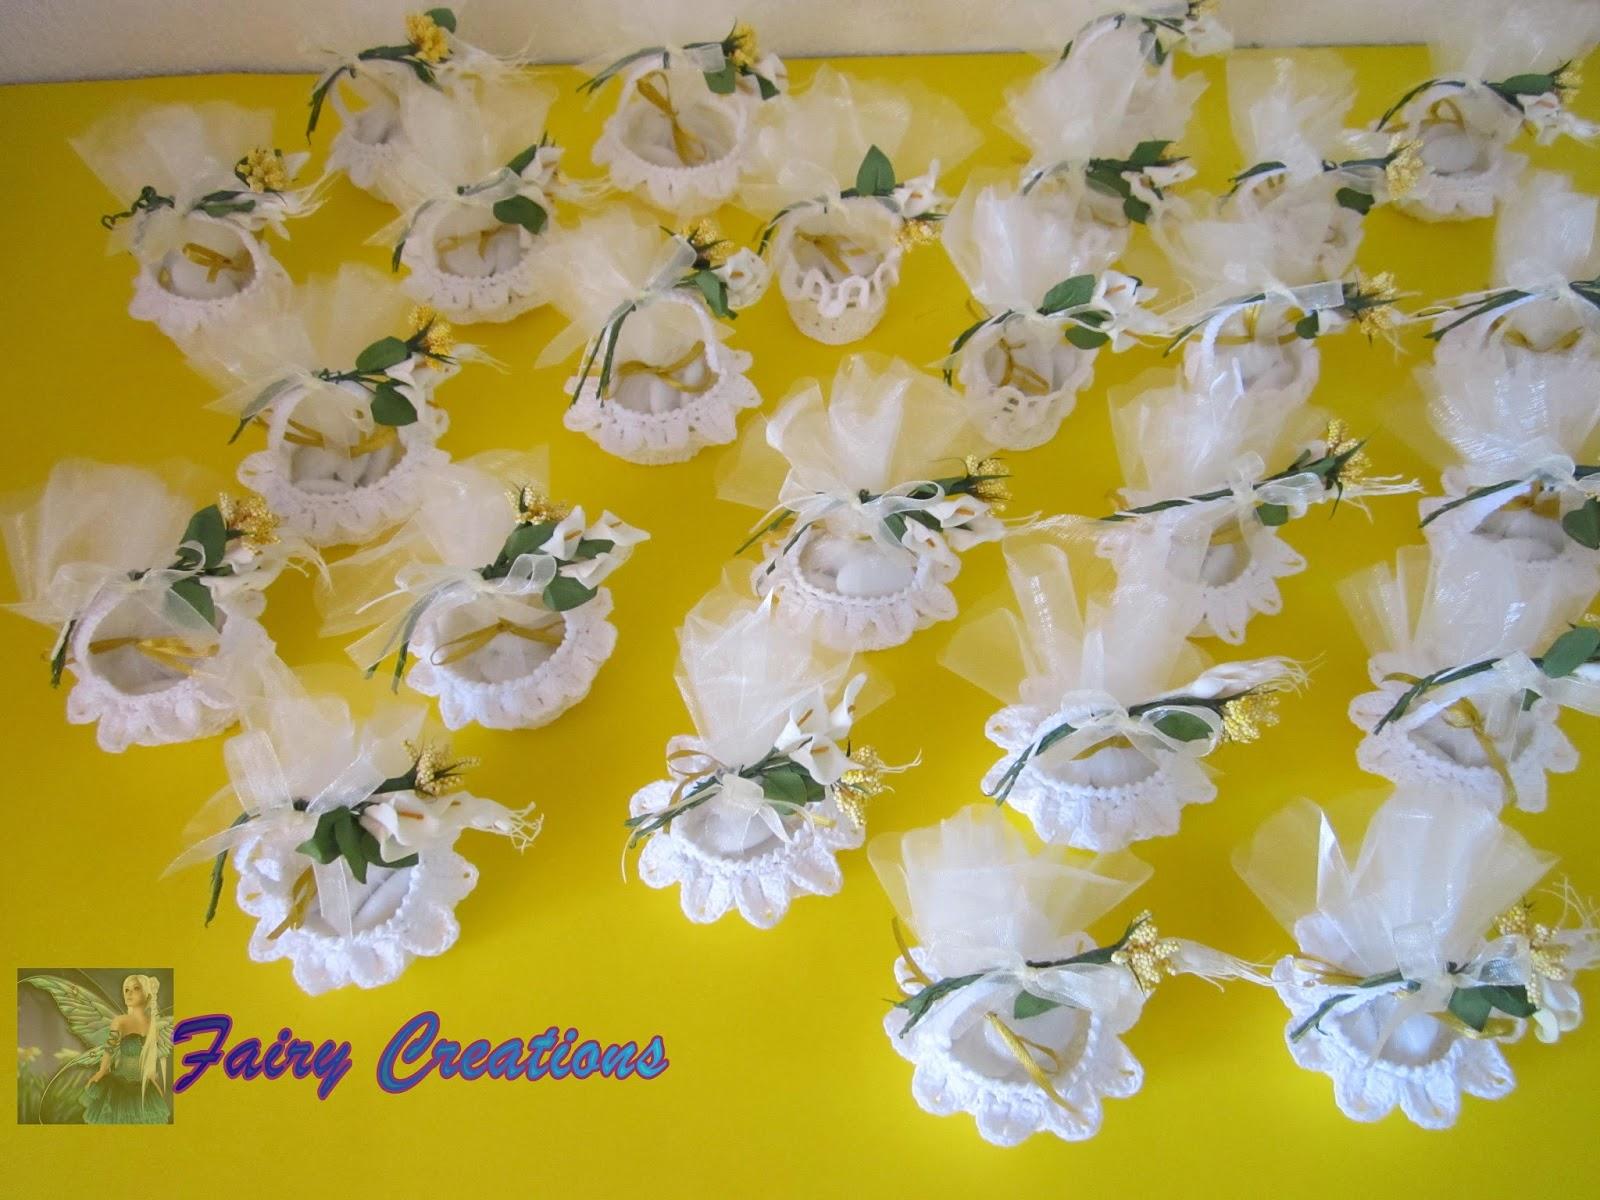 Eccezionale fairy creations: bomboniere all'uncinetto, cestini all'uncinetto QY73